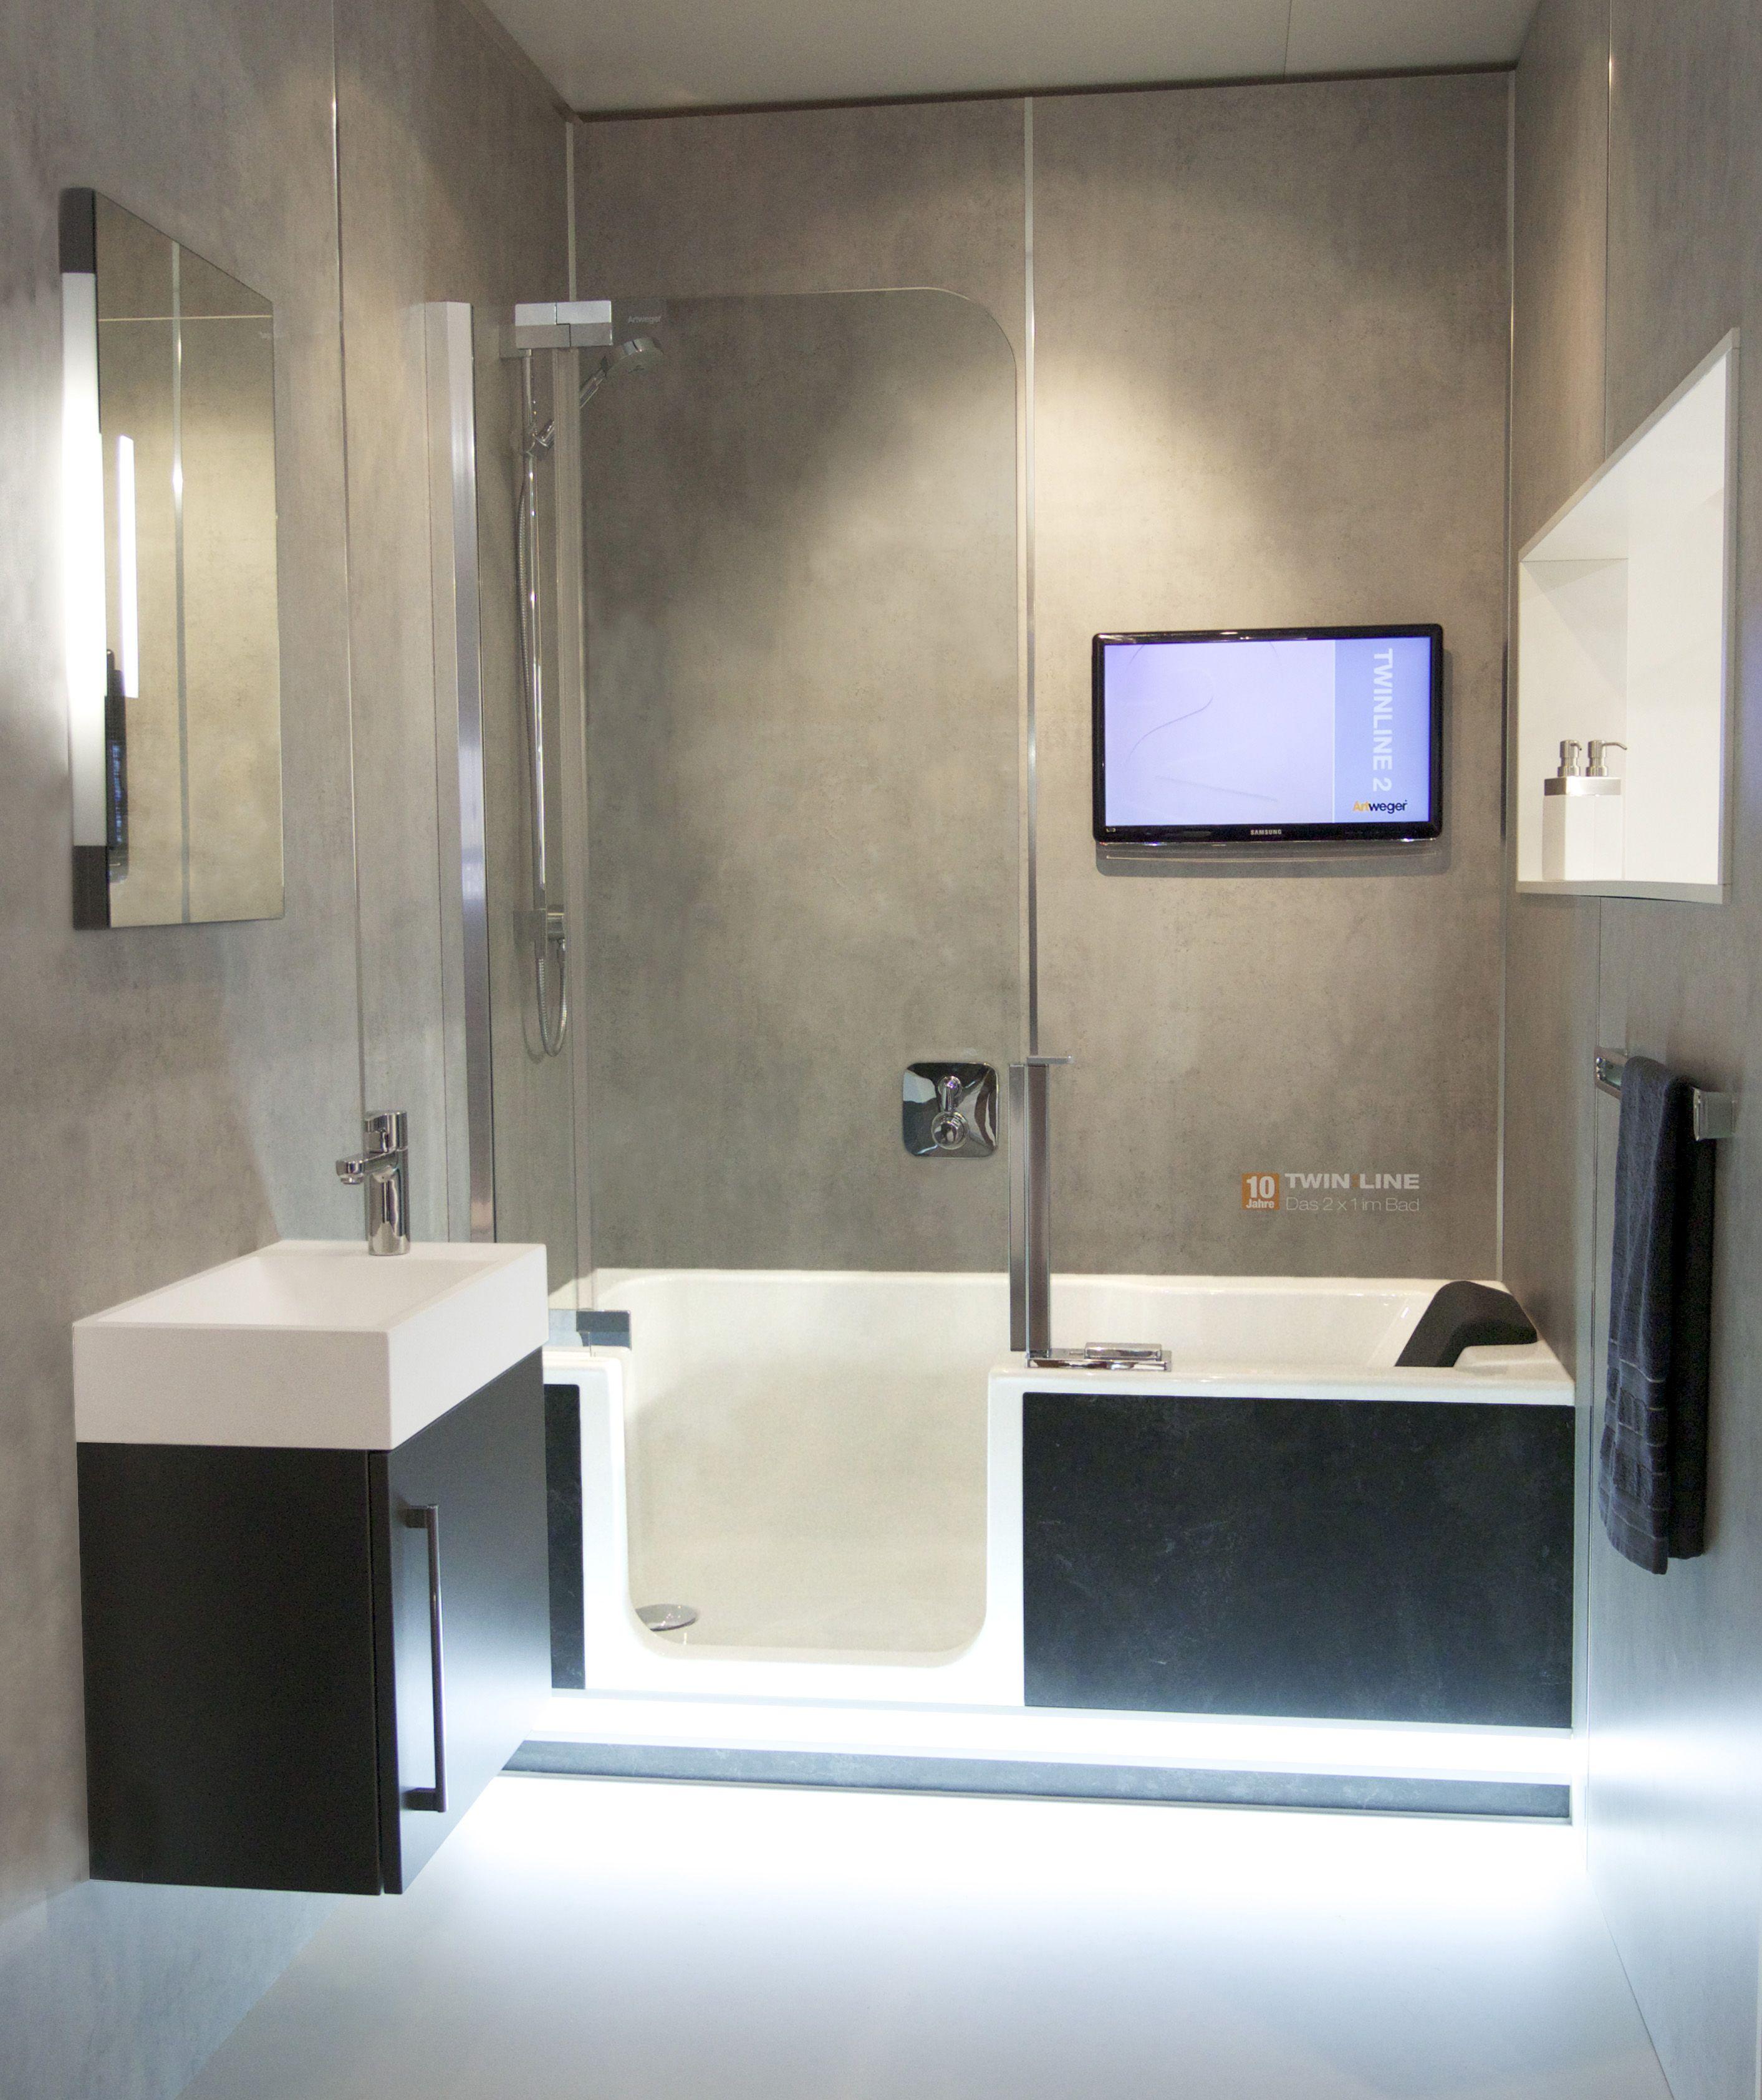 Duschbadewanne stairway  Komplettes Bad auf ganz wenig Raum - mit Badewanne und Dusche in ...